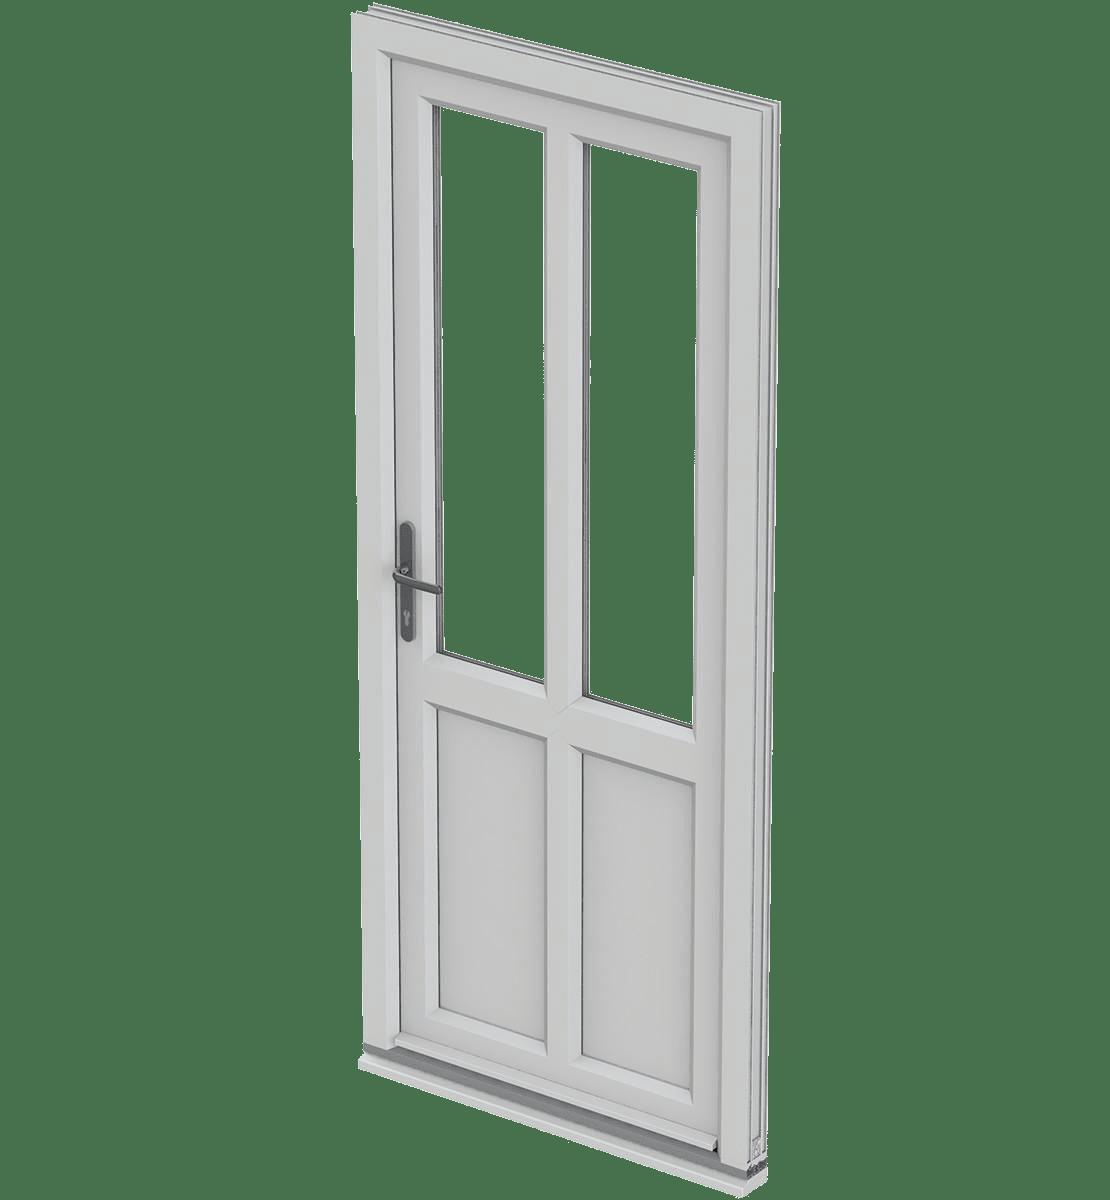 Door clipart back door. Upvc doors luton prices